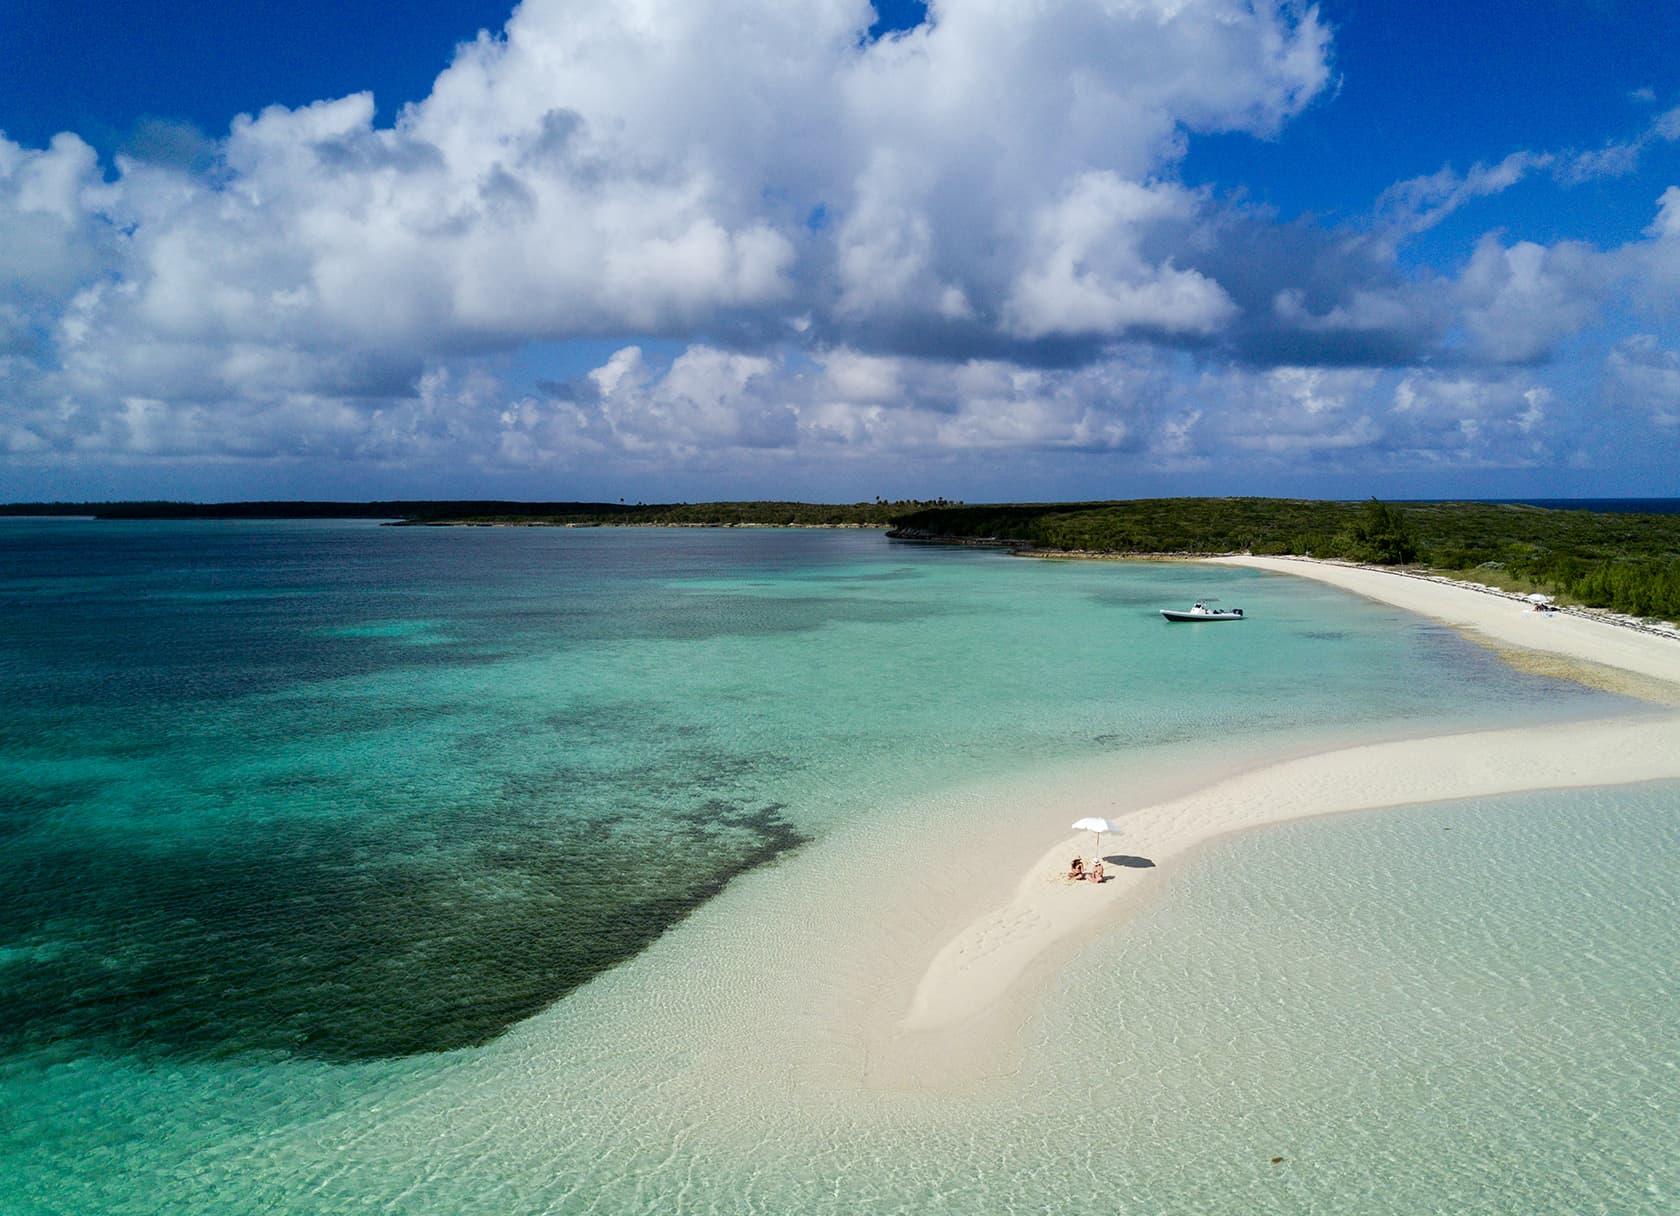 Bahamas scenery cover